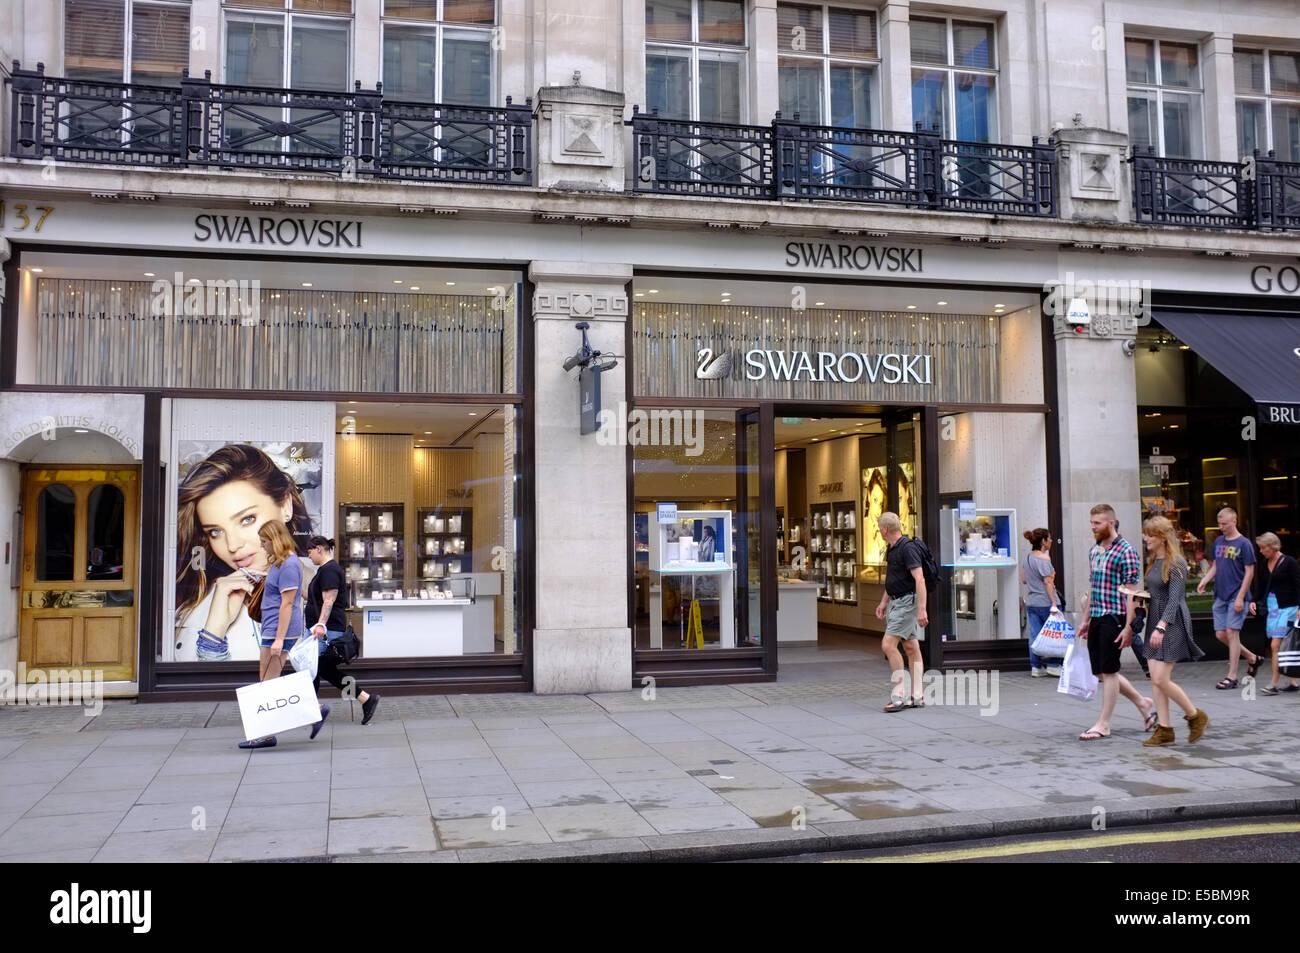 SWAROVSKI jewelery store on Regent Street 264c054ca4